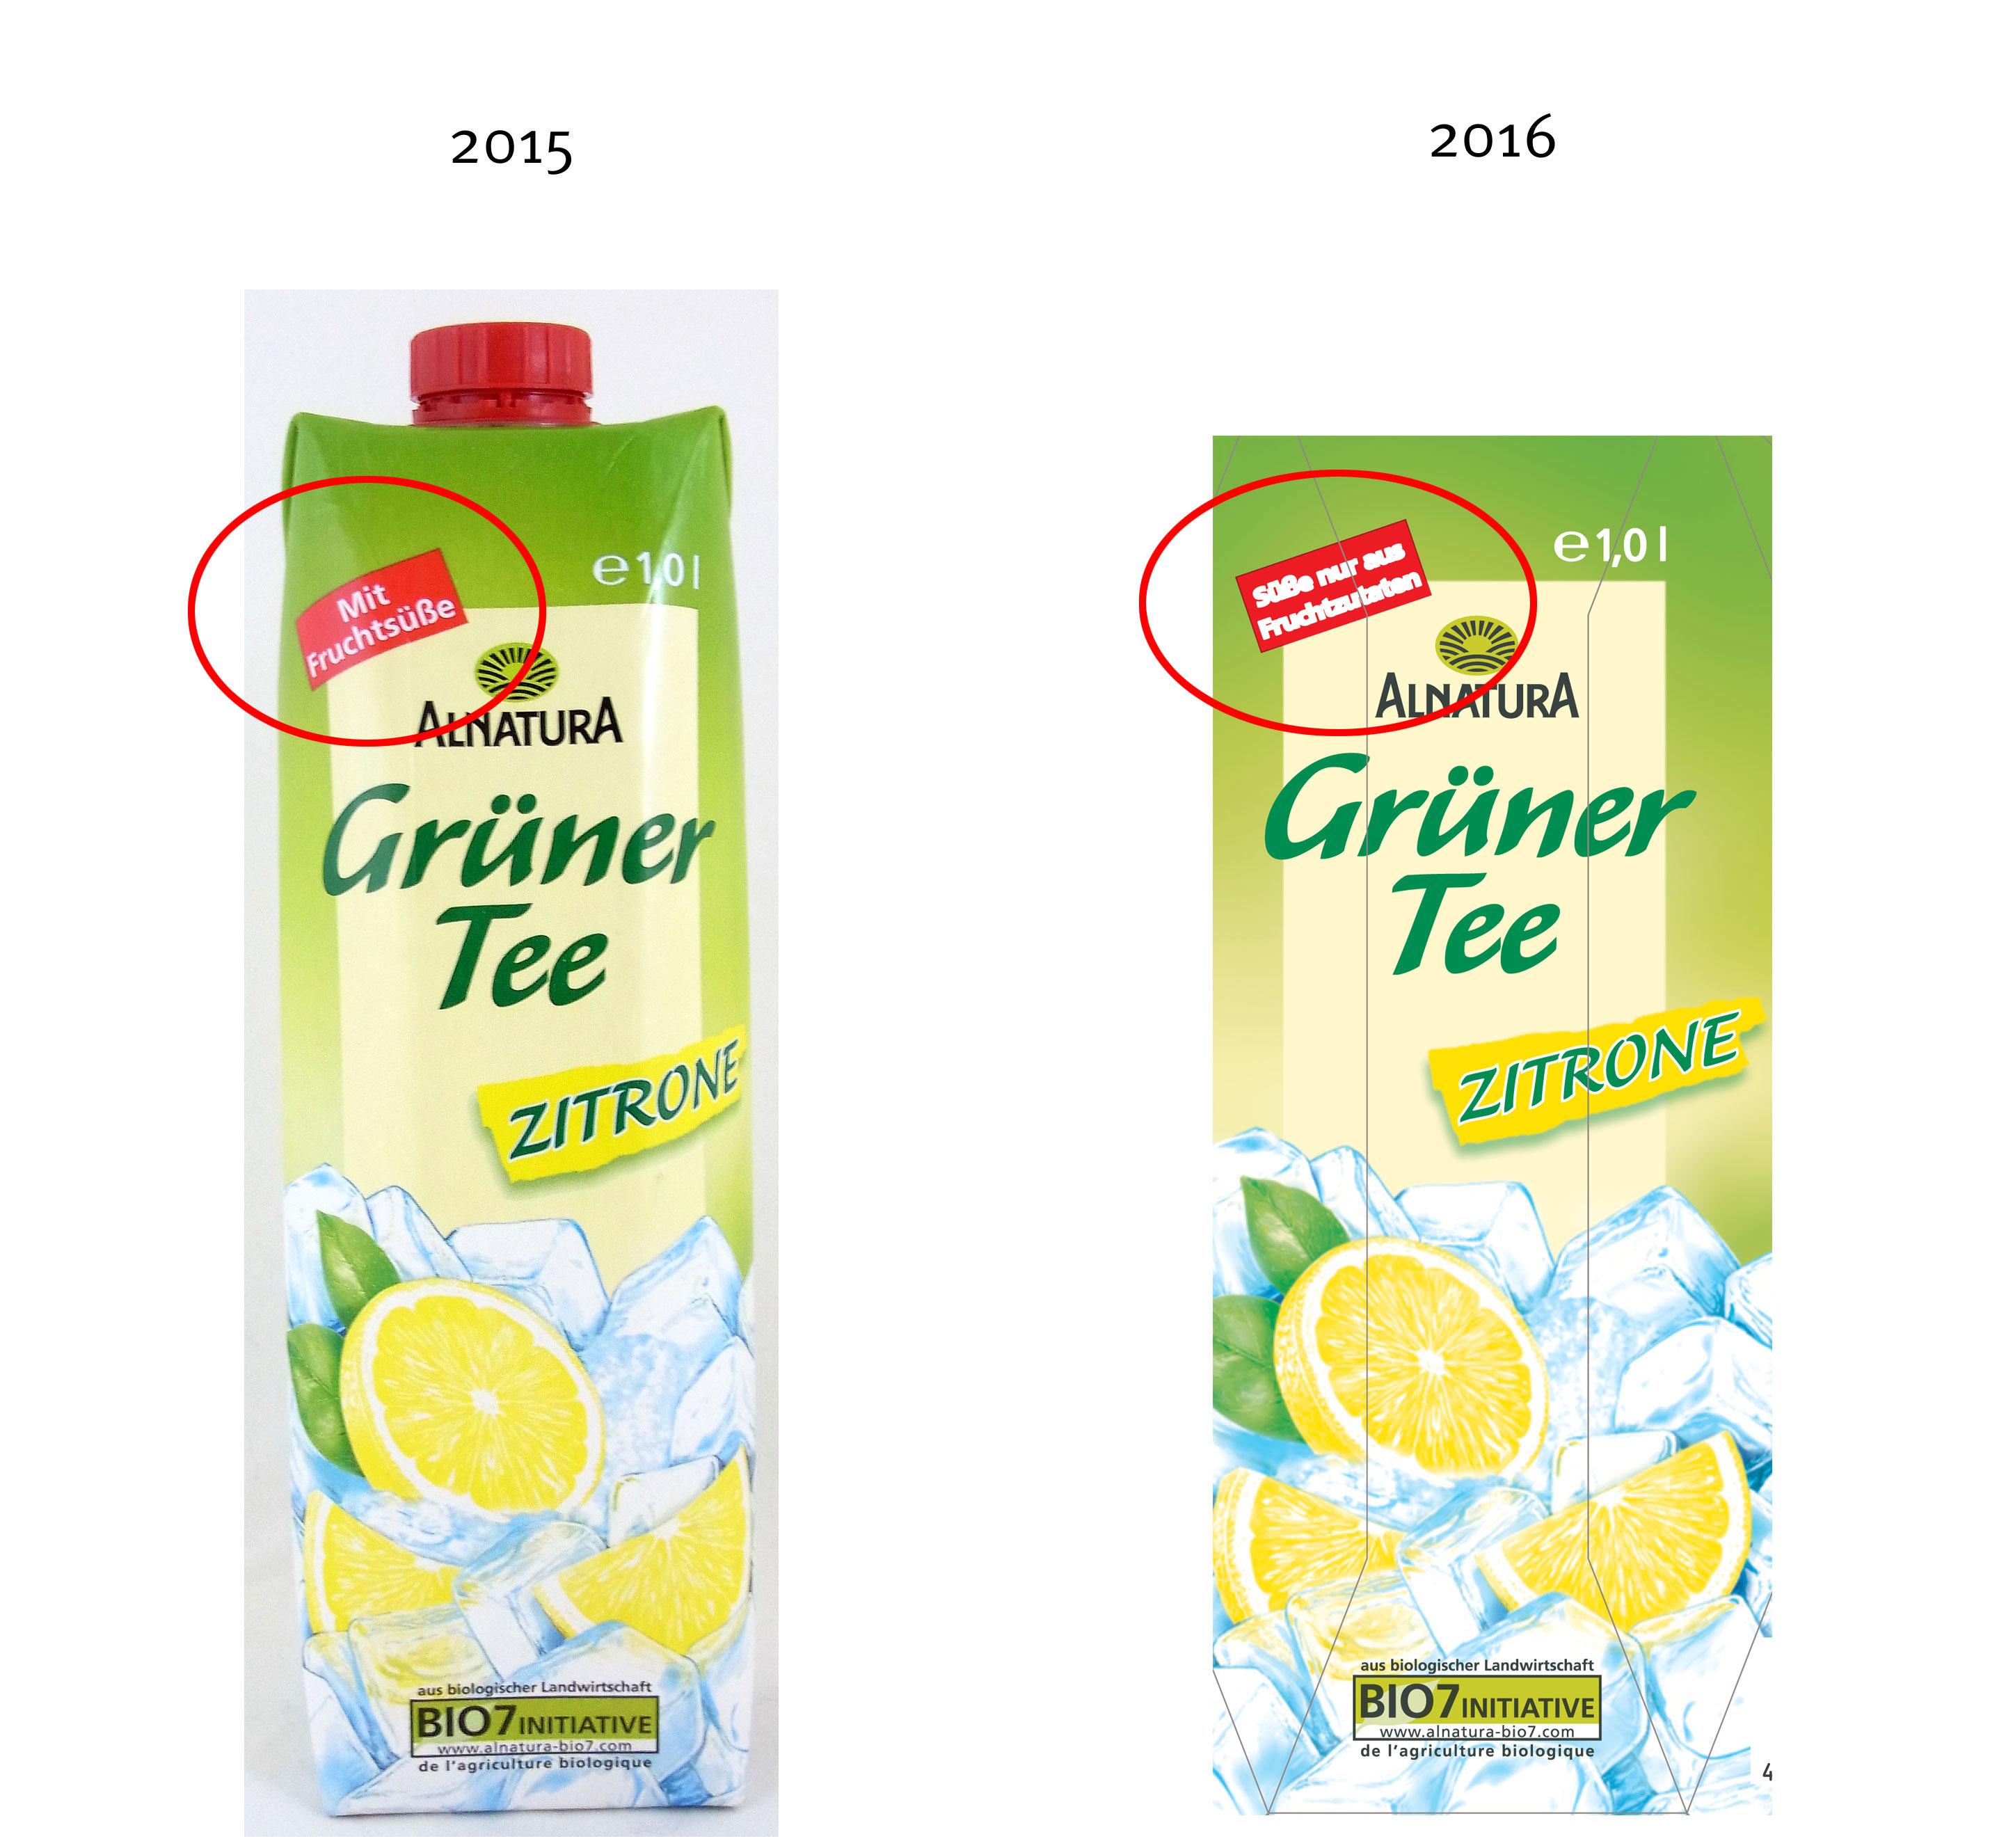 Alnatura Grüner Tee Zitrone Lebensmittelklarheit